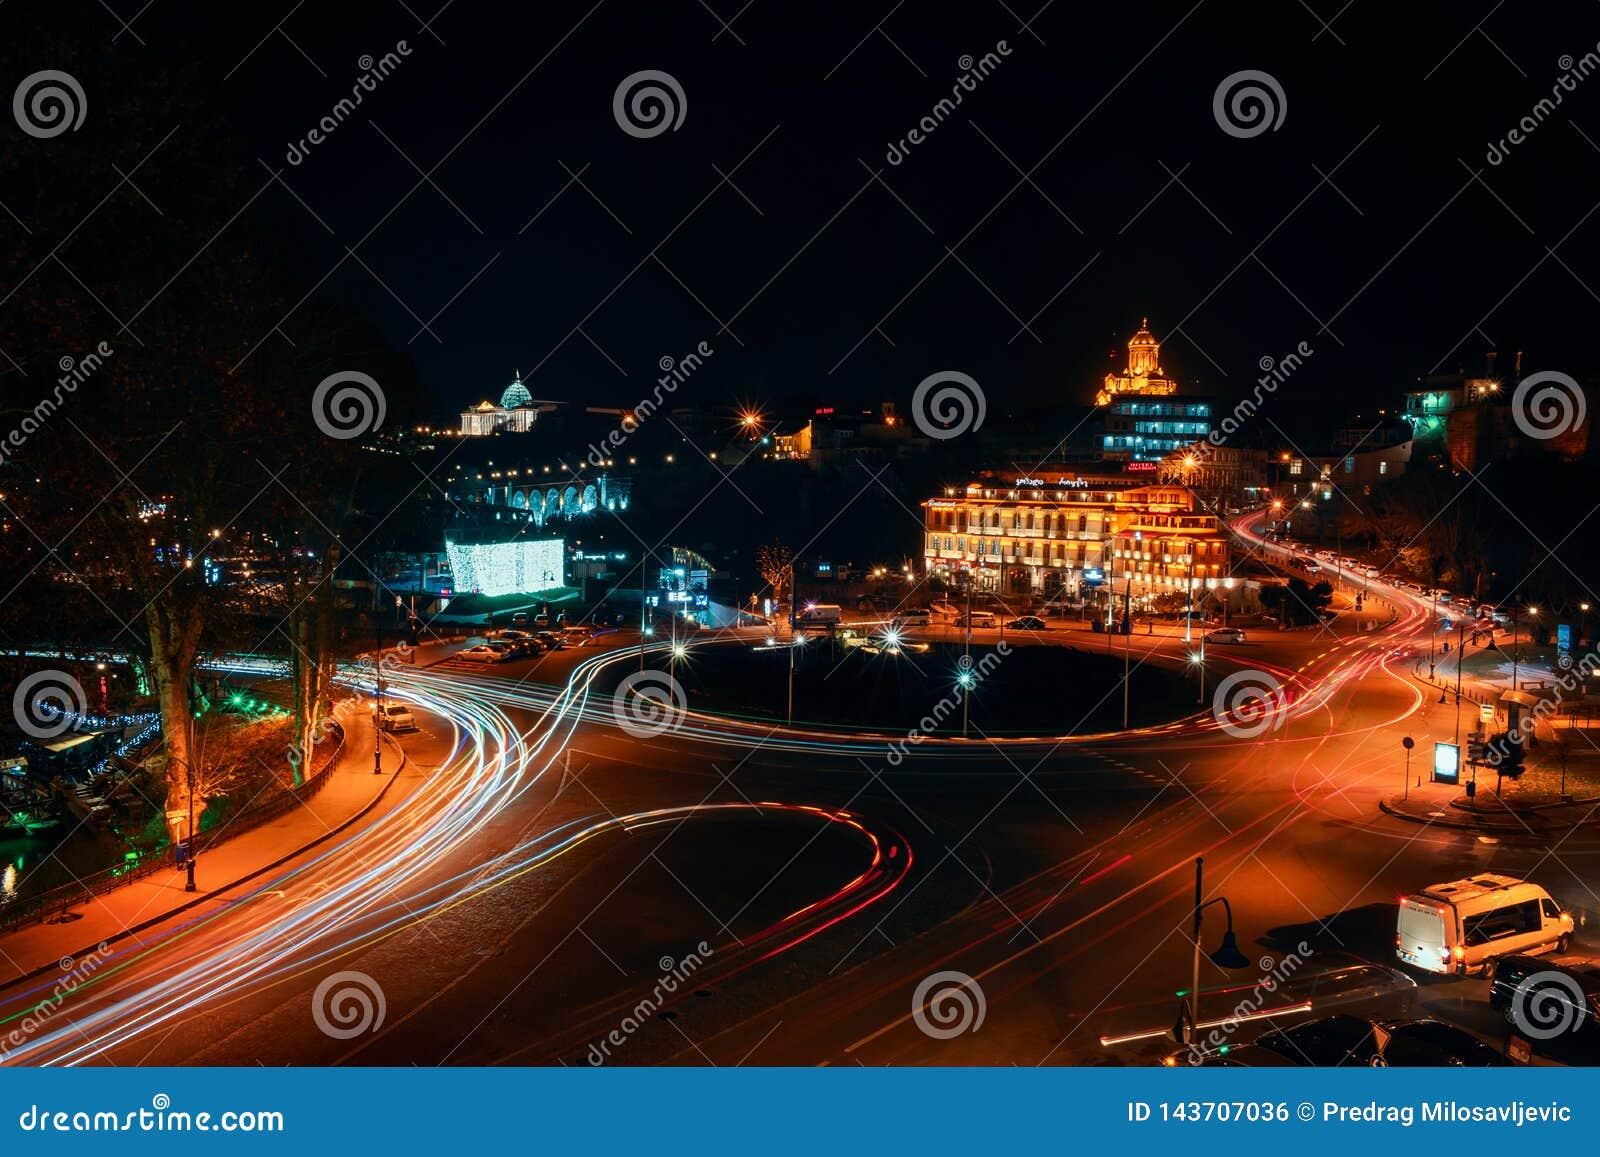 Gruzja, Tbilisi - 05 02 2019 - Noc widok nad Europa kwadratowego i Świętego trinity Sameba kościół w tle